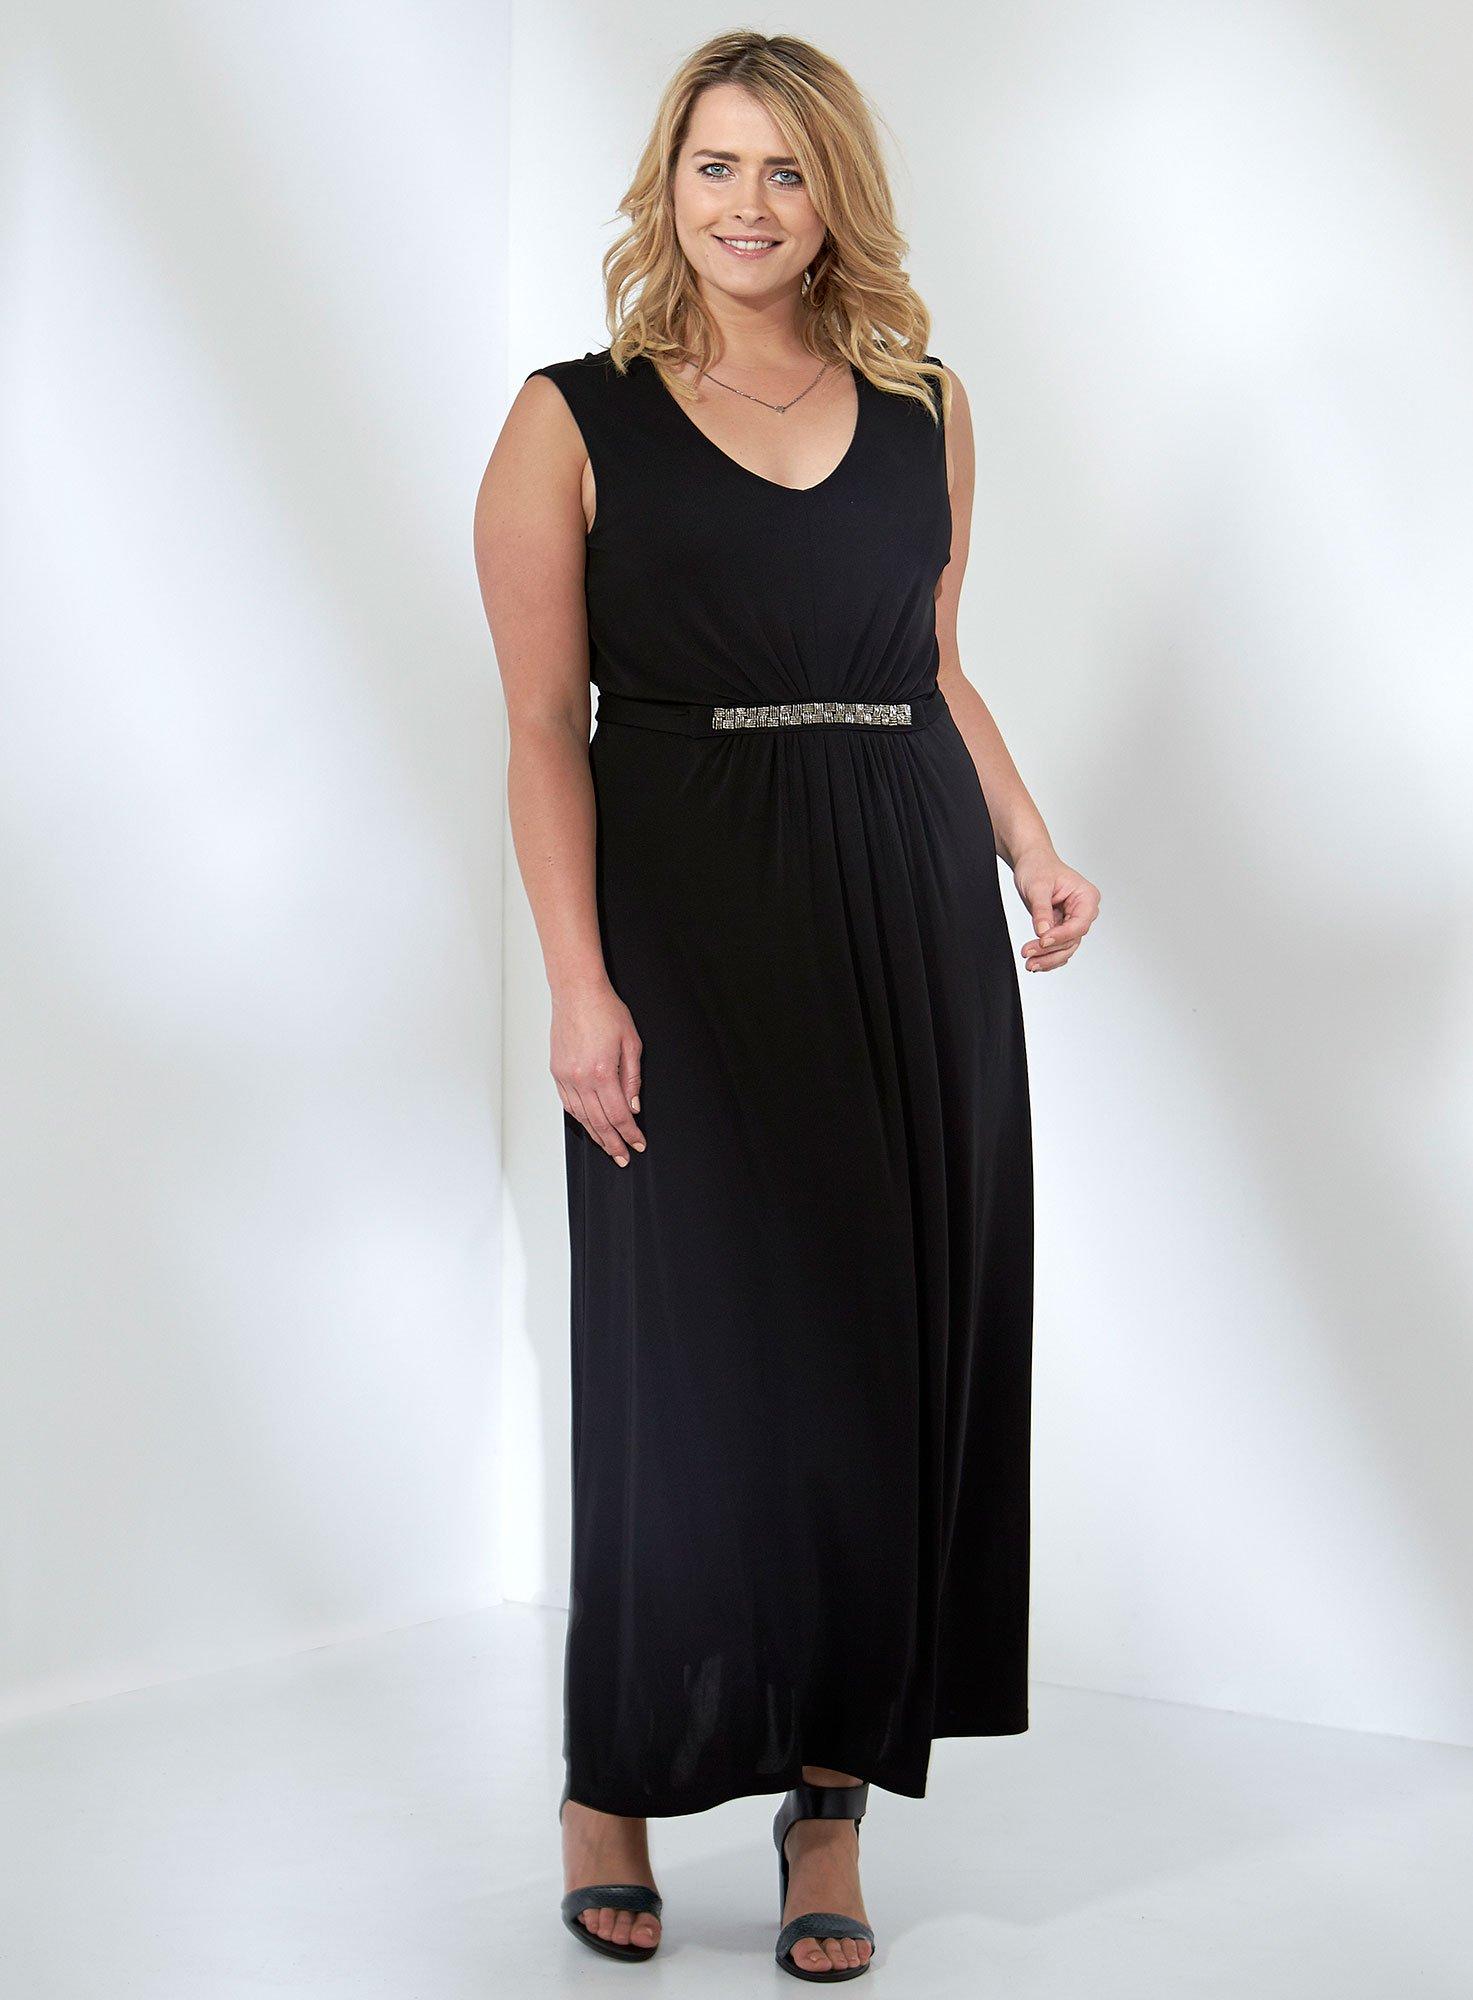 Lang sort fest kjole med bindebånd i taljen